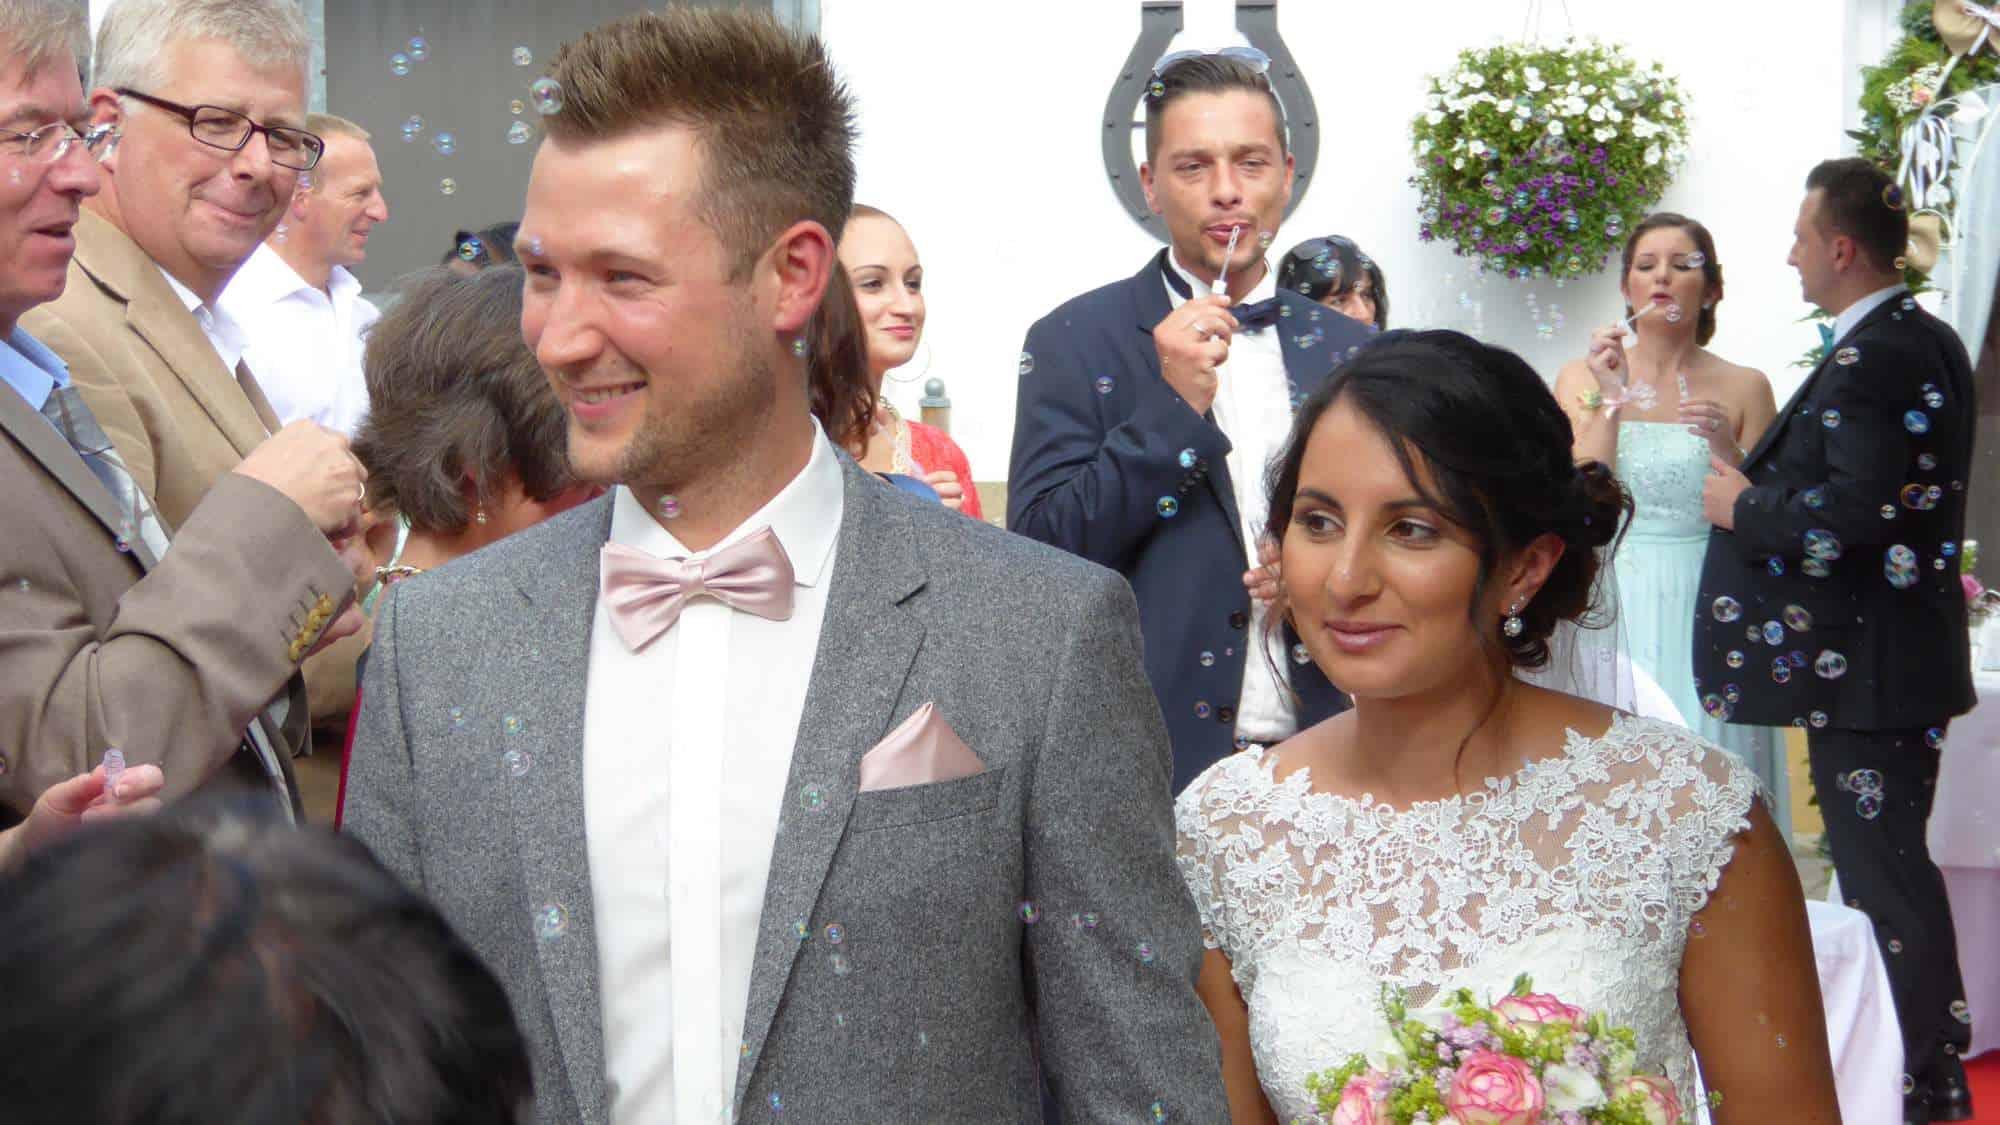 Glueckliches Brautpaar bei der Hochzeitszeremonie